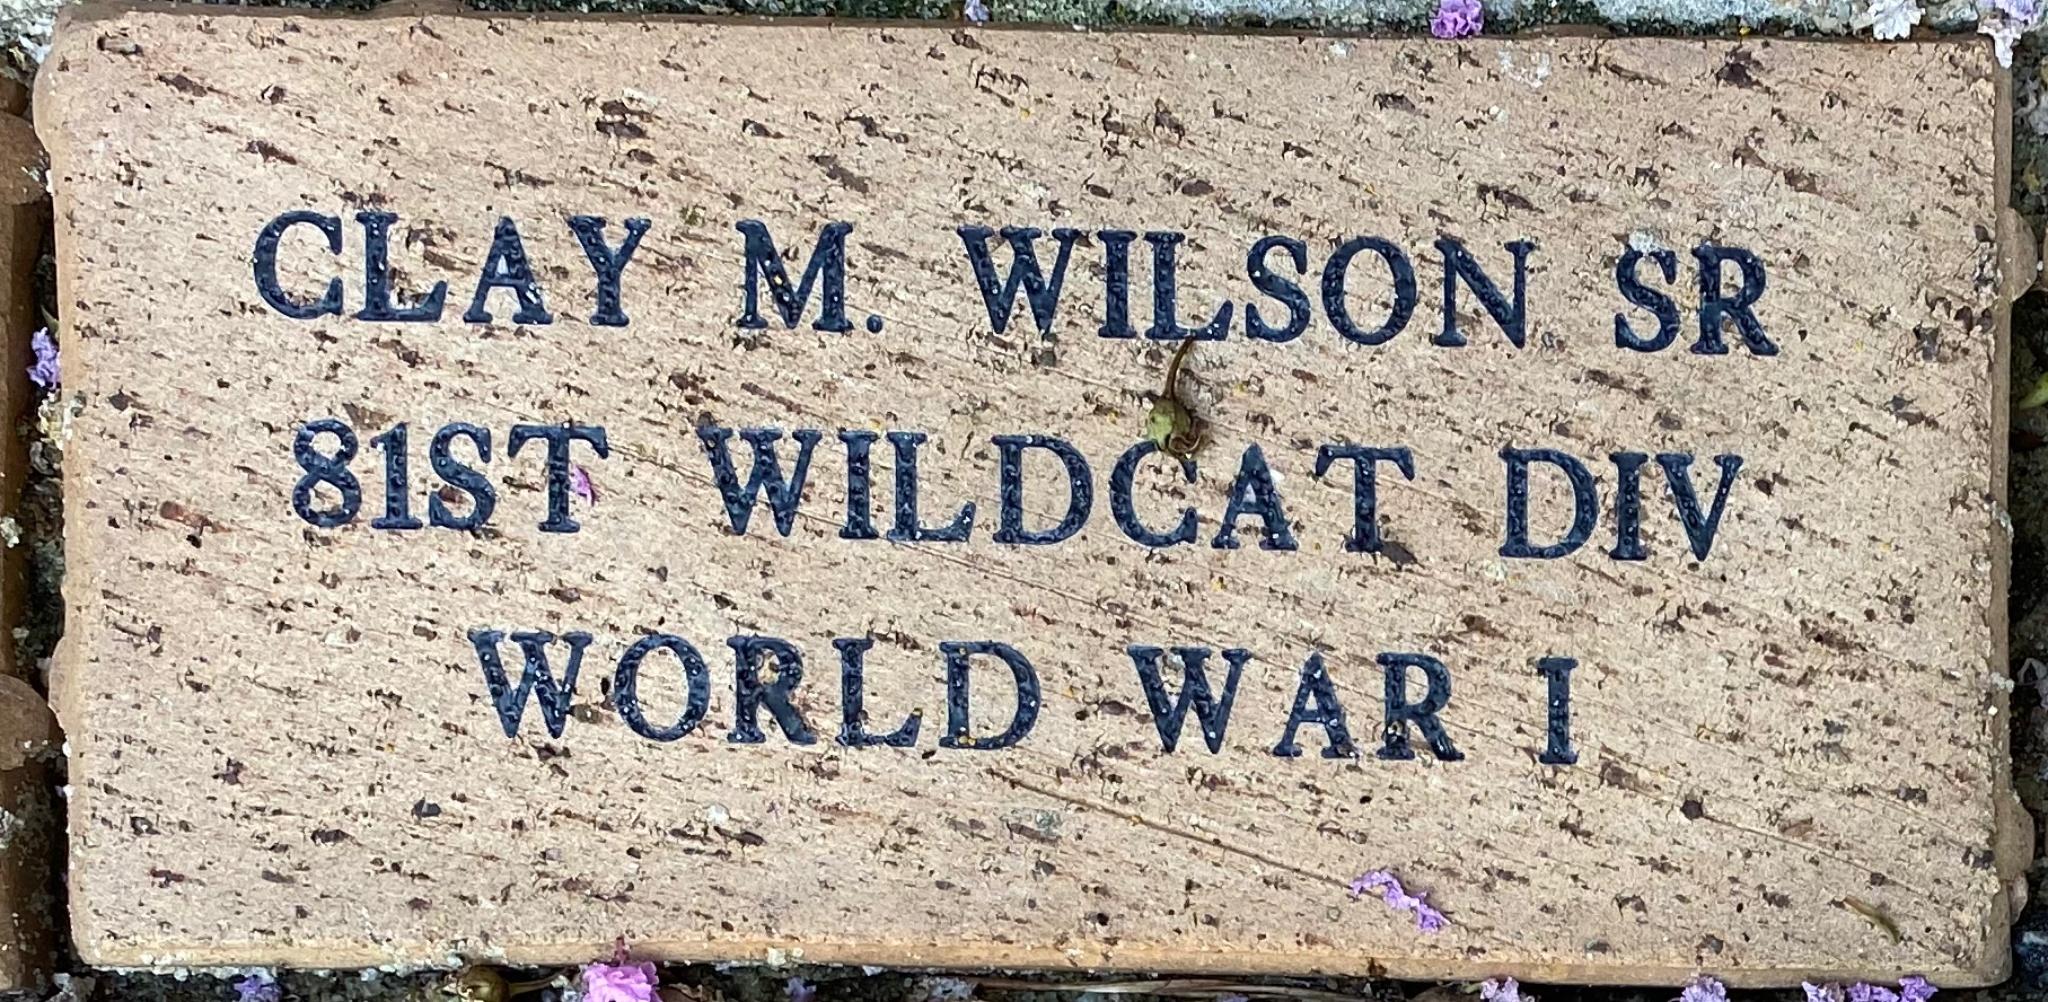 CLAY M. WILSON SR 81ST WILDCAT CIV WORLD WAR I